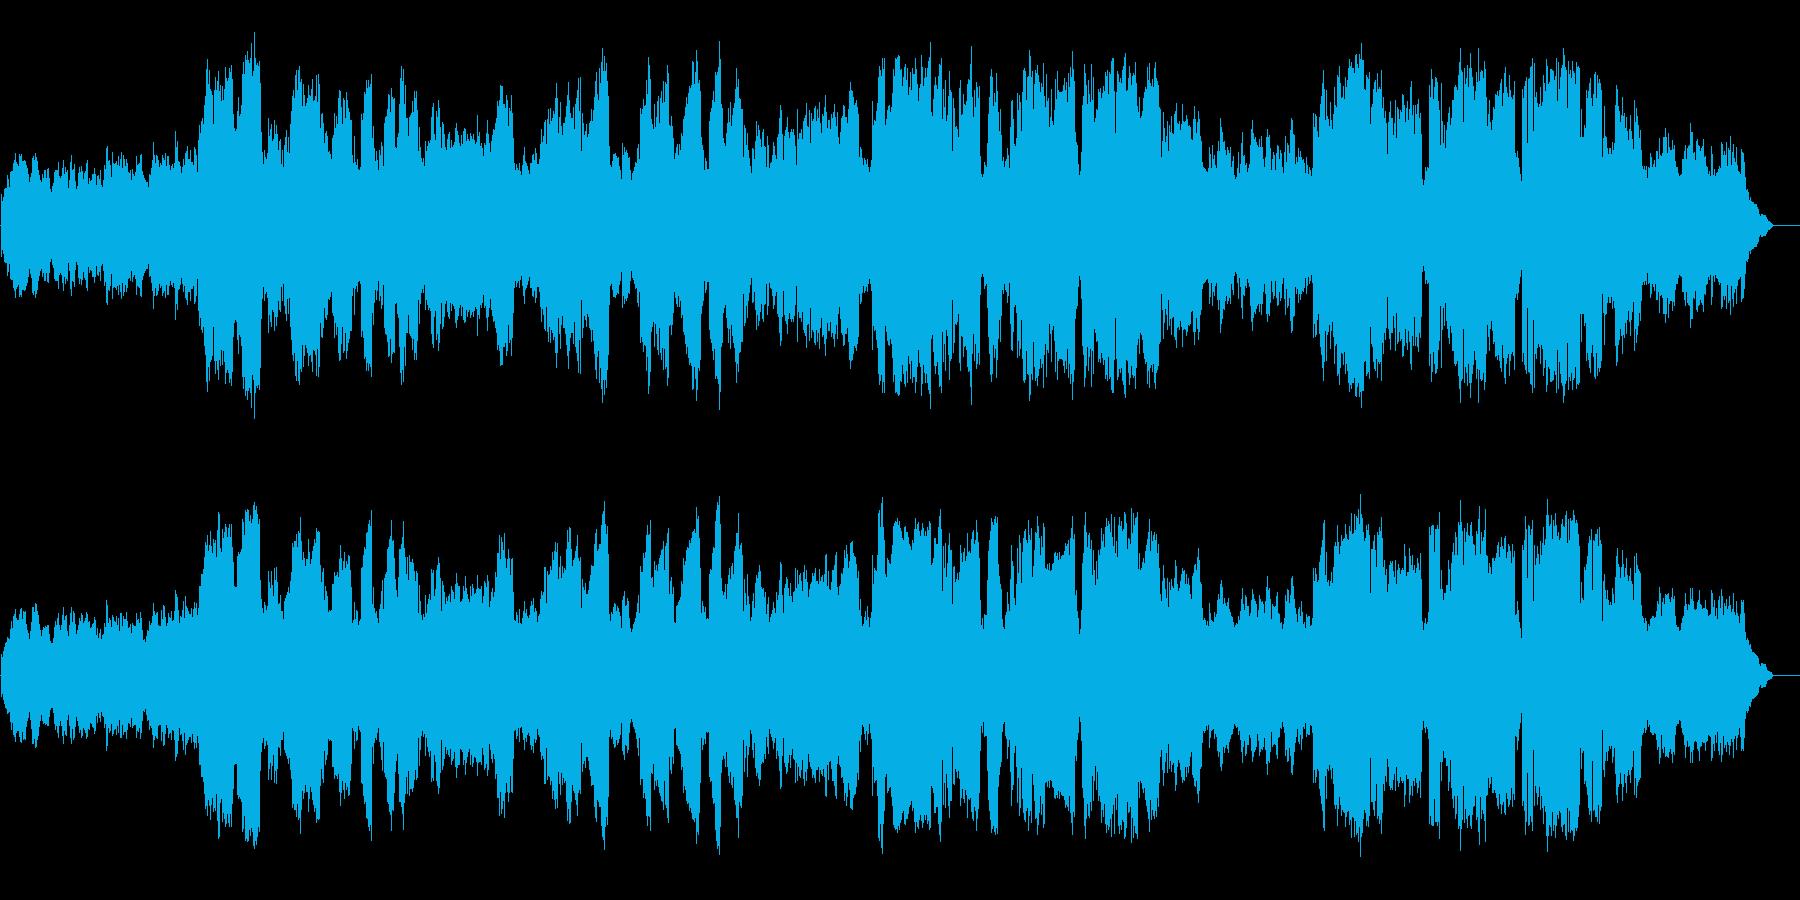 静かな場所でのBGMに向く楽曲です。鼻…の再生済みの波形